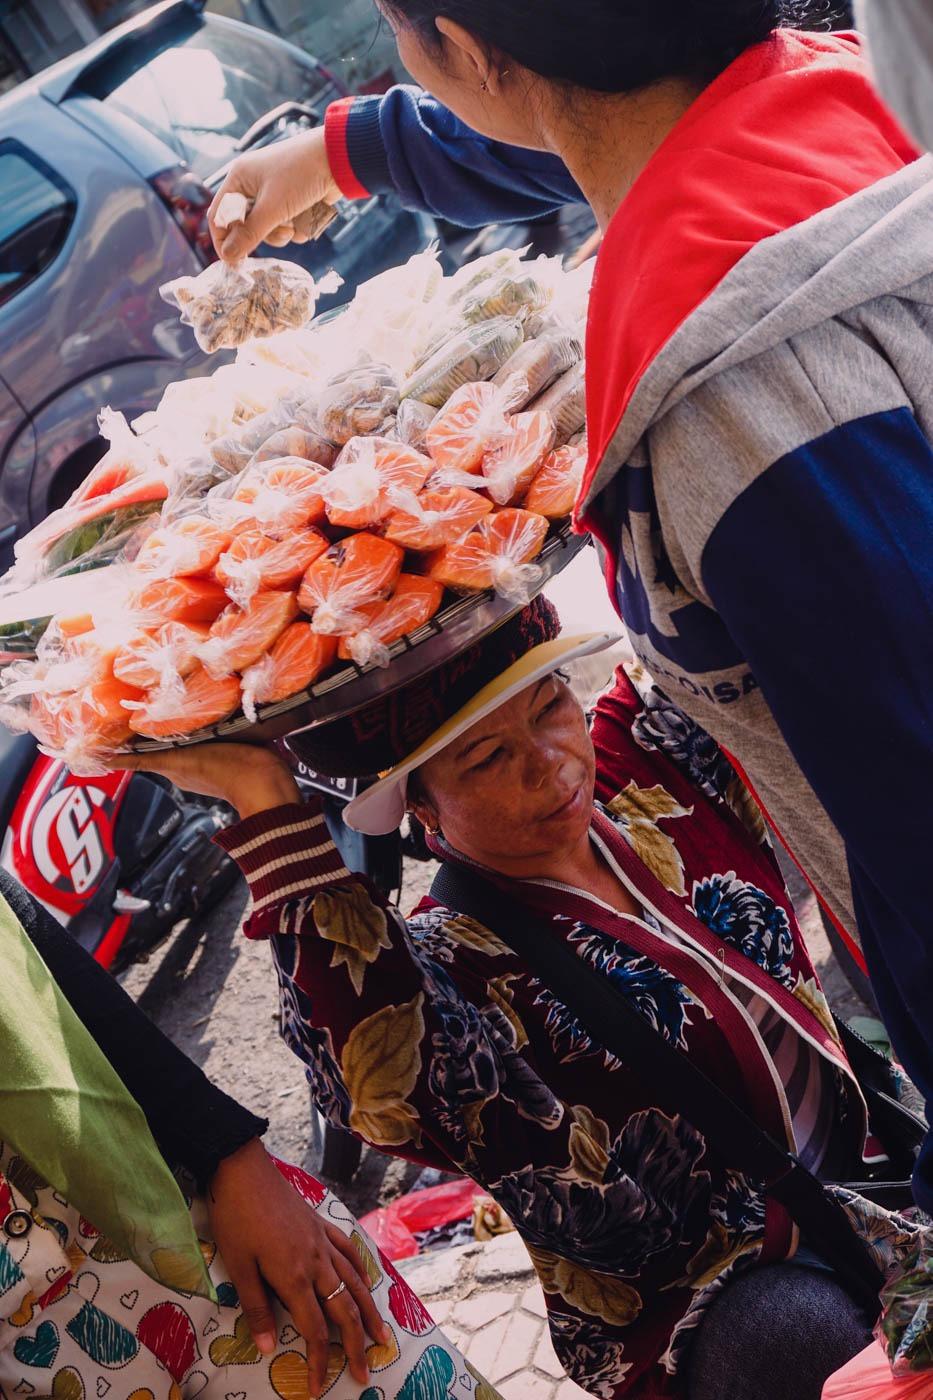 The Bali Food Guide I Bali Travel I Food I Indonesia I Travel #traveldestinations #food #bali #indonesia -5